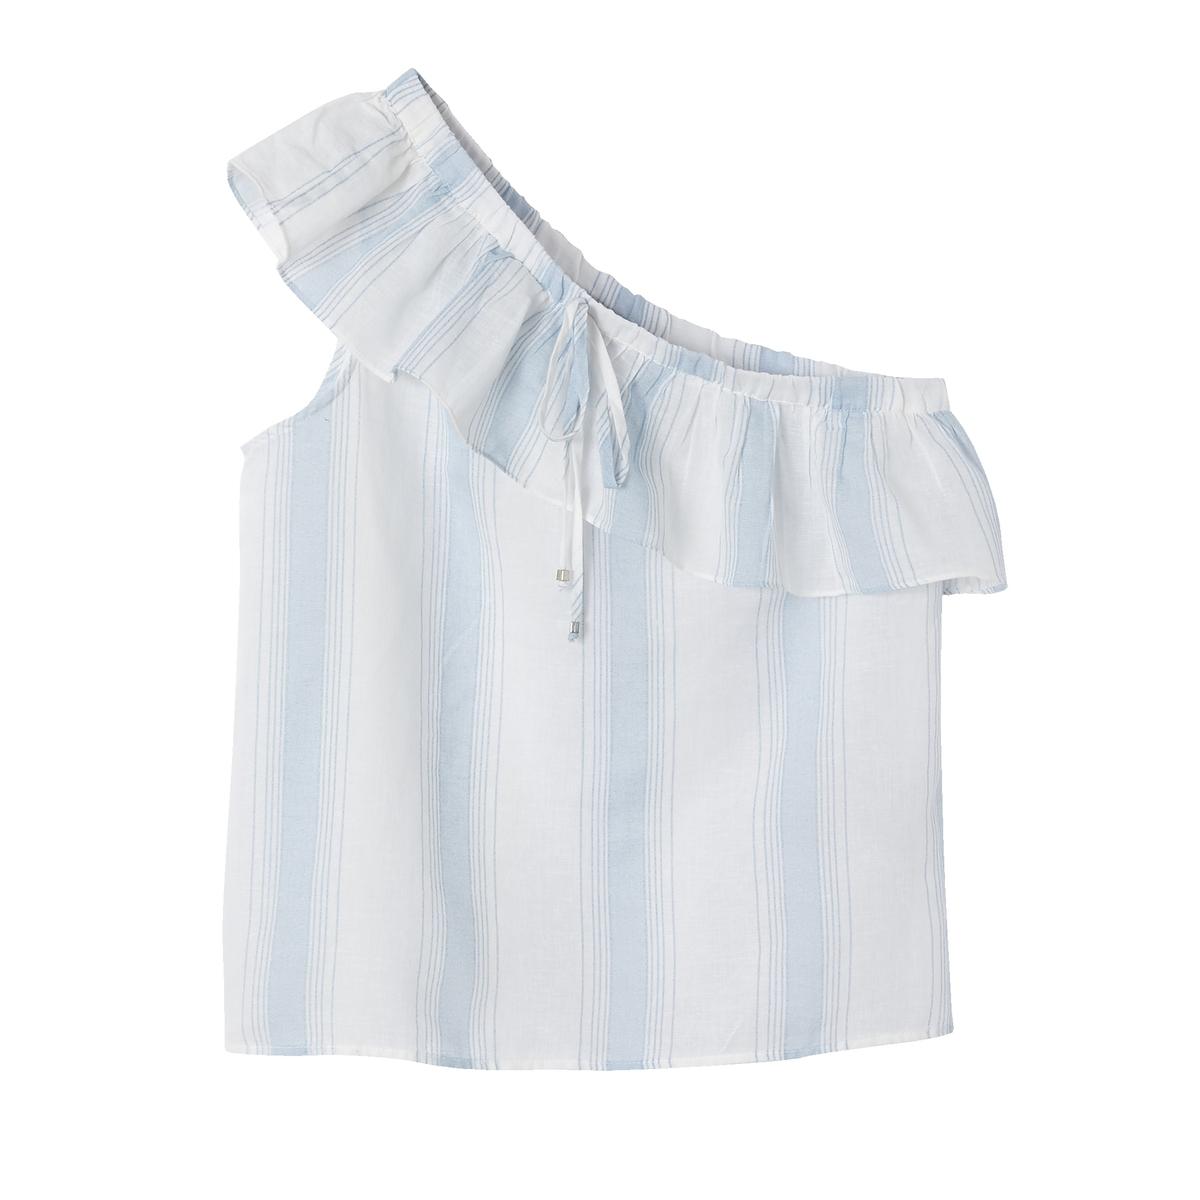 Блузка с асимметричной проймой без рукавов